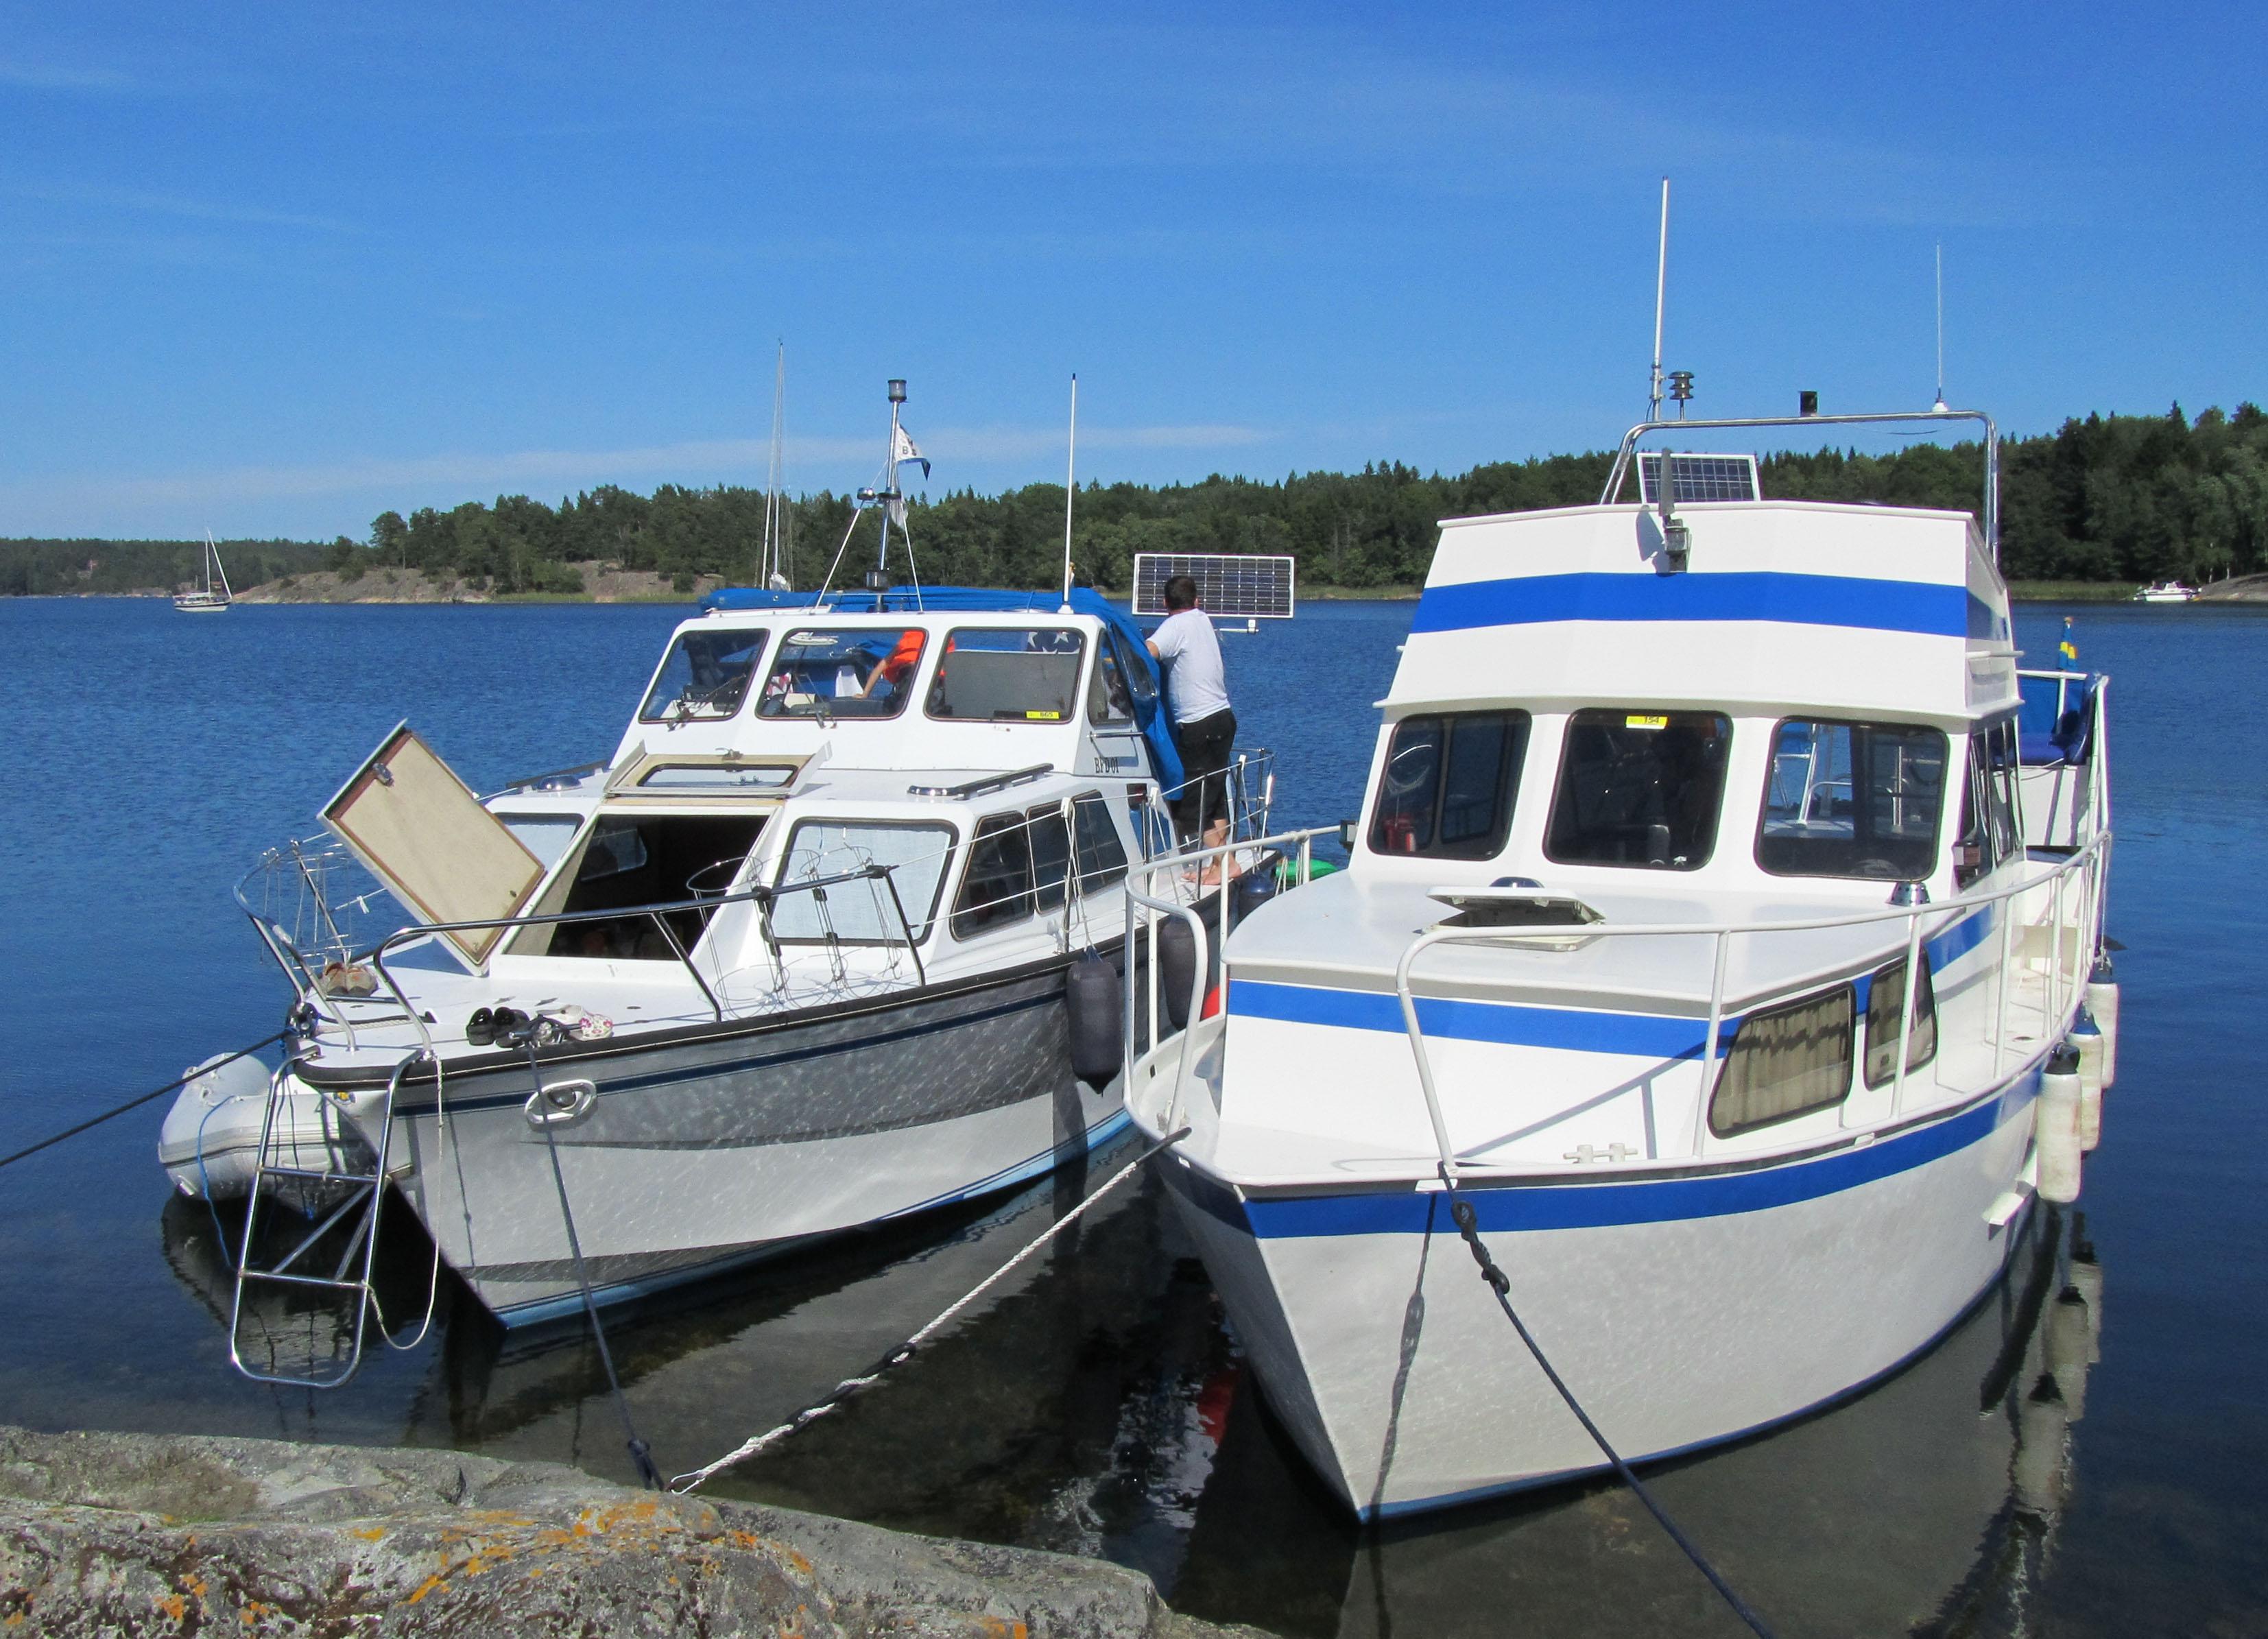 Vår och vår kompis båt, en i plast och en i plåt.